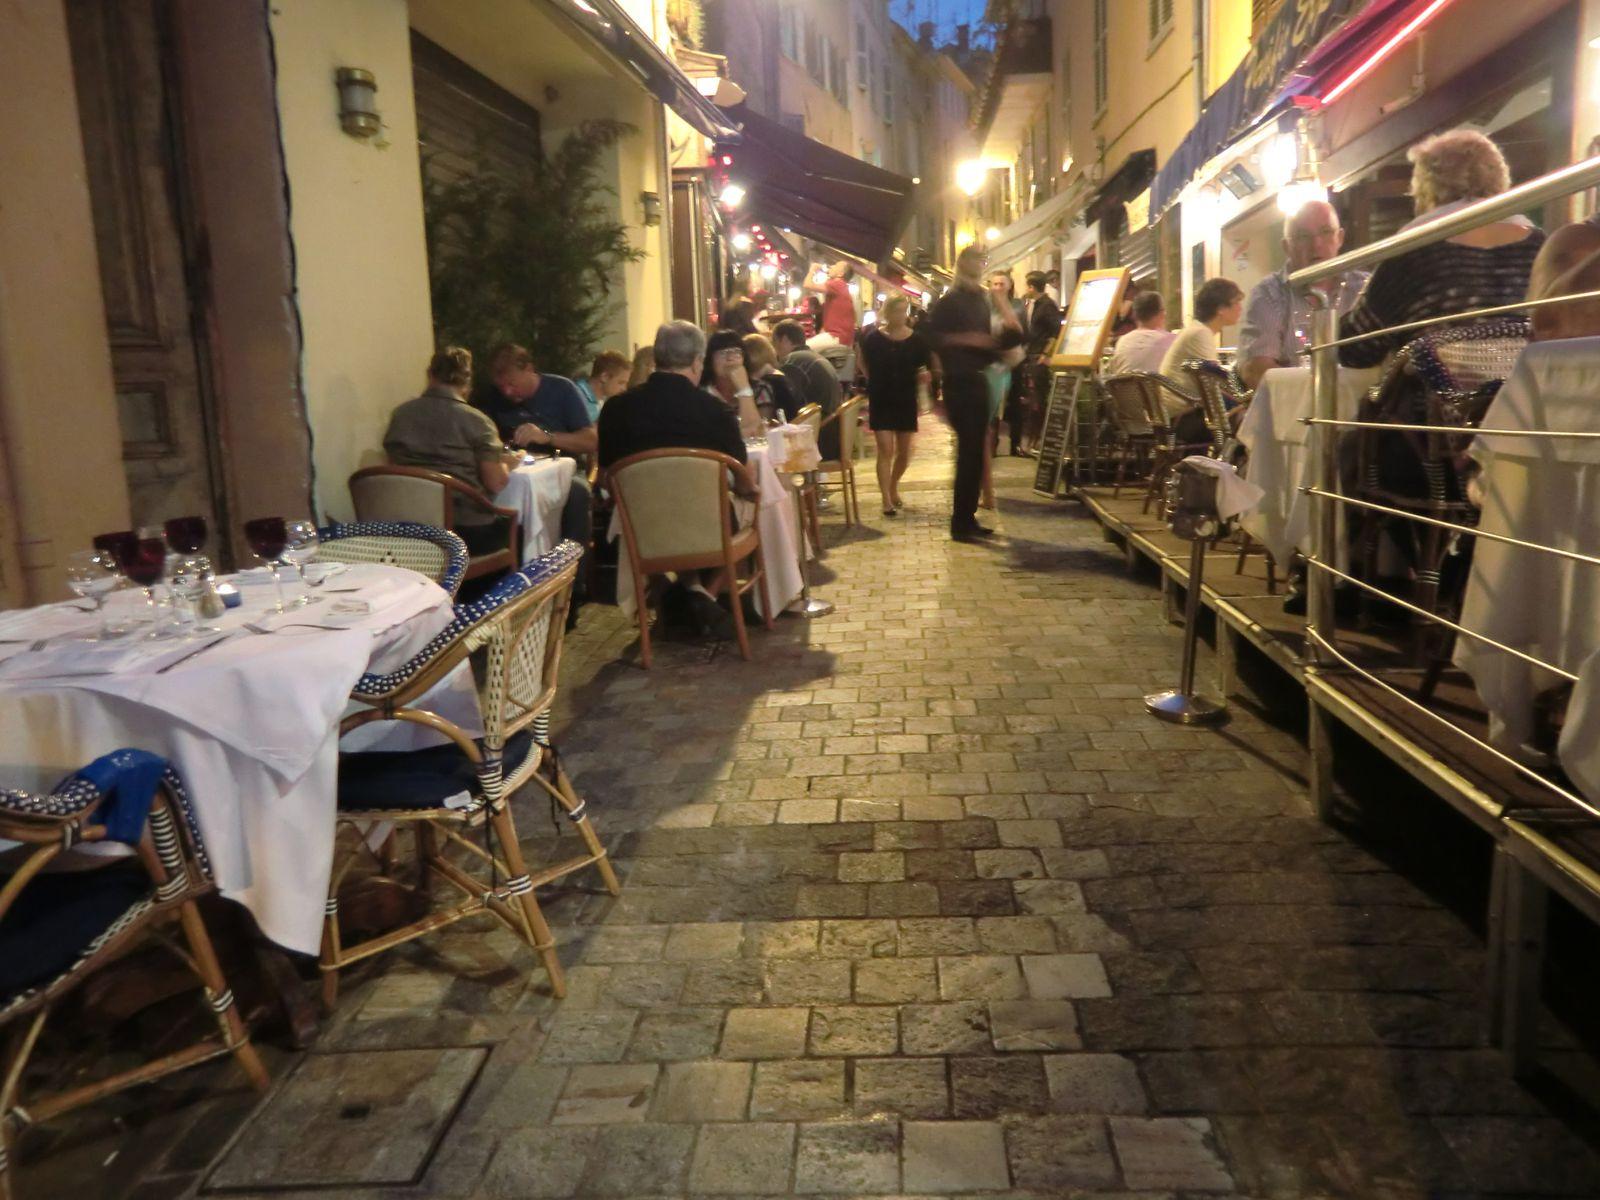 La rue Saint-Antoine est une ruelle très étroite et pentue qui monte au Suquet. Elle est bordée de restaurants où les touristes aiment s'y attabler dès que la nuit commence à tomber.